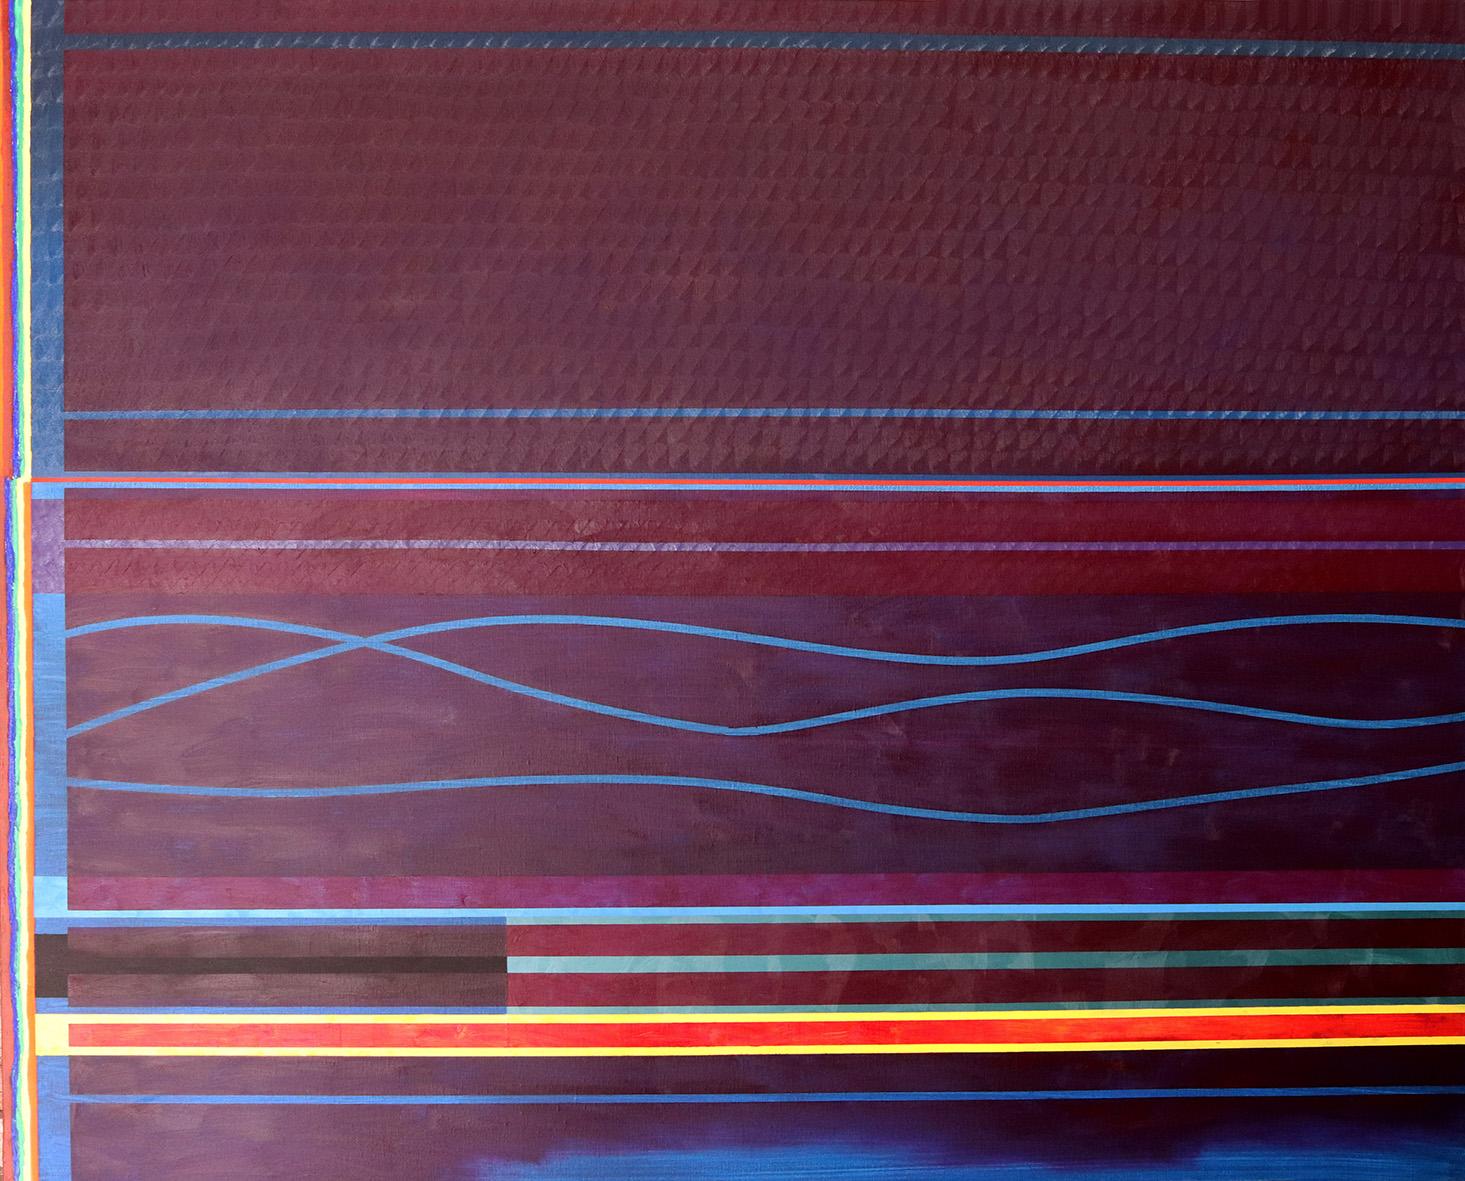 Redline horizon (v 5.0) (130x162cm) 2019